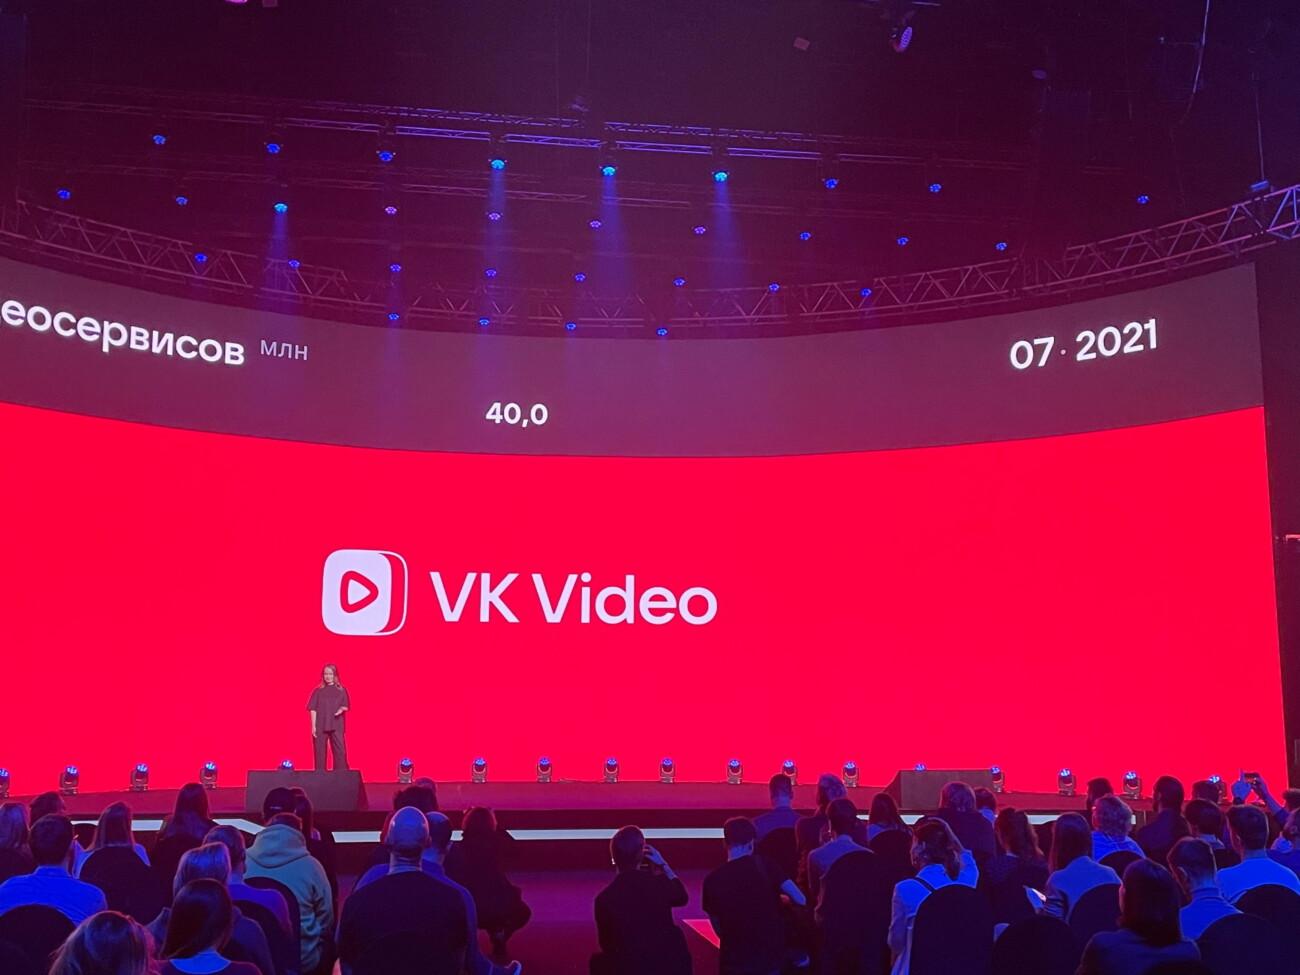 VK запустила видеоплатформу «VK Видео». Она объединяет клипы, трансляции и ролики из всех сервисов экосистемы